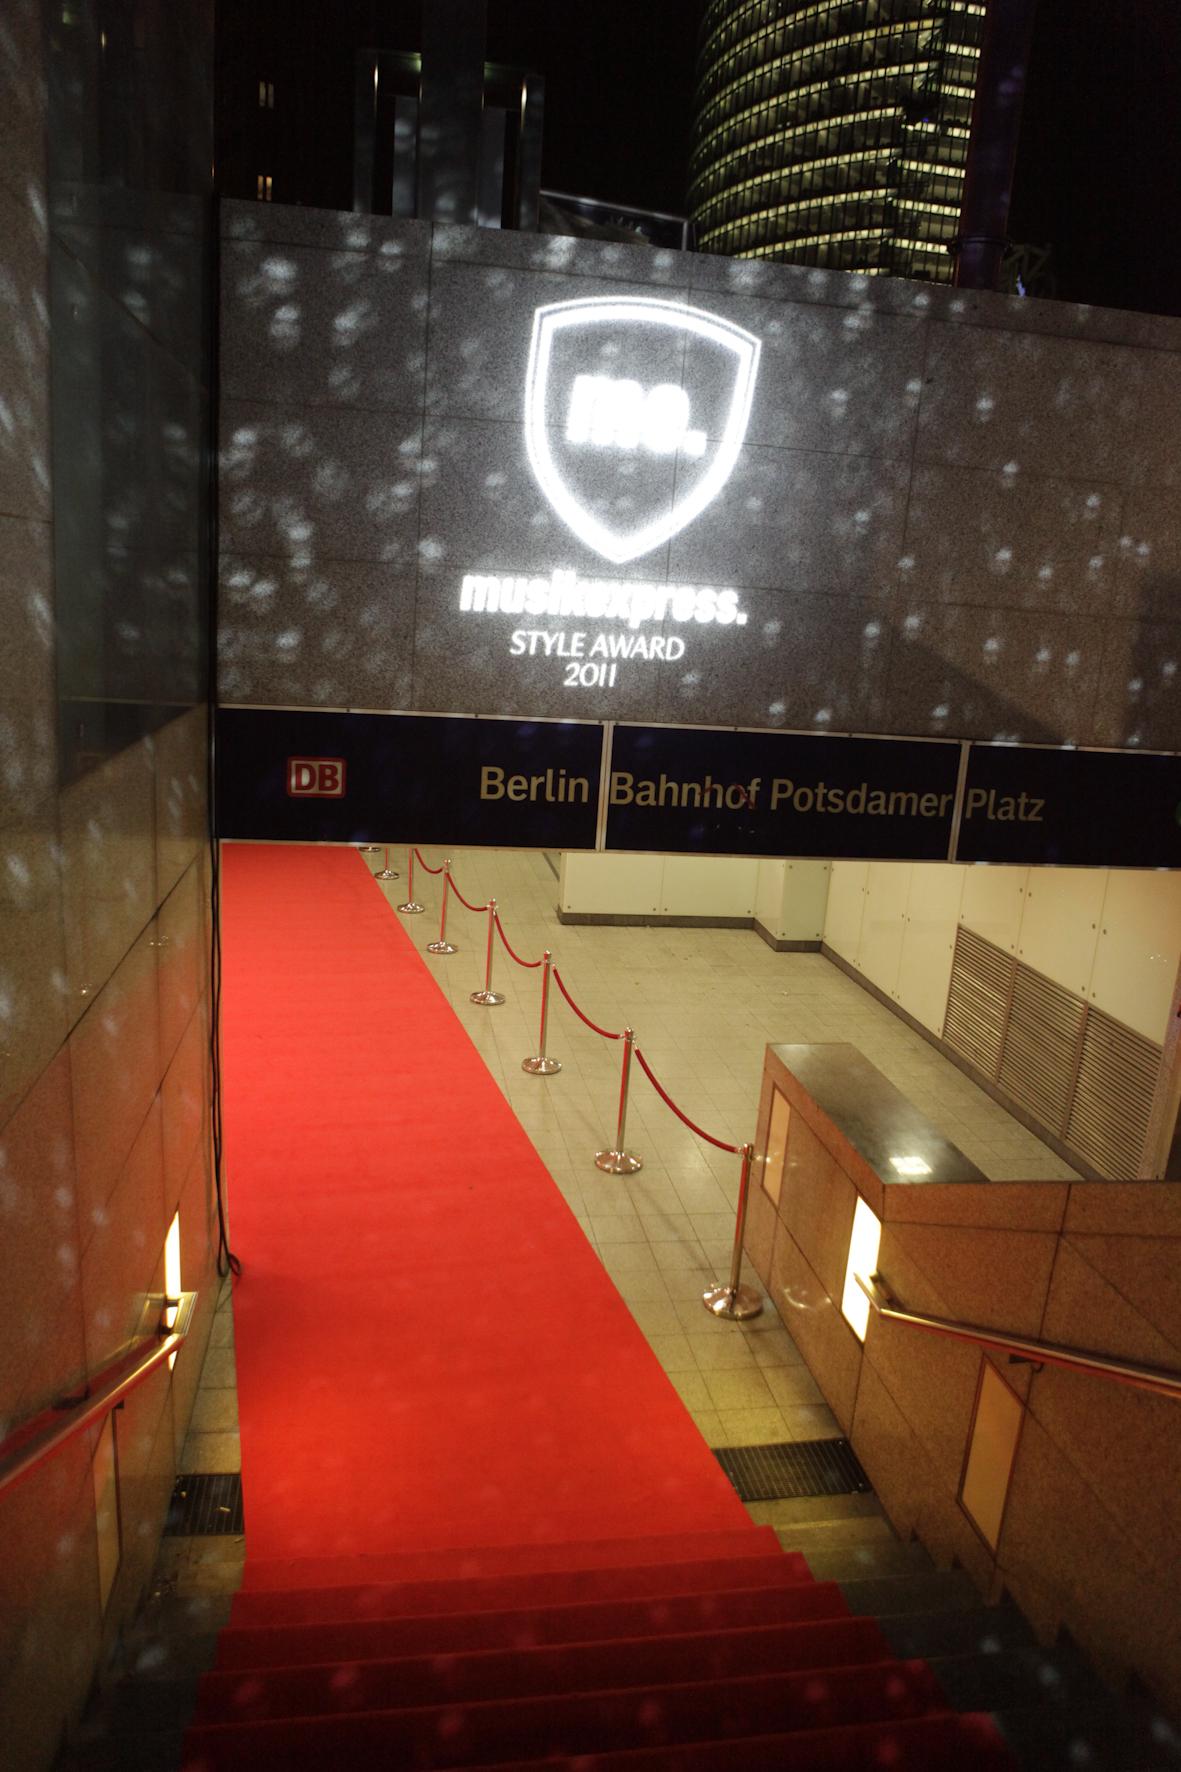 Der Eingangsbereich der U3 am Potsdamer Platz, wo die Musikexpress Style Awards 2011 vergeben wurden.